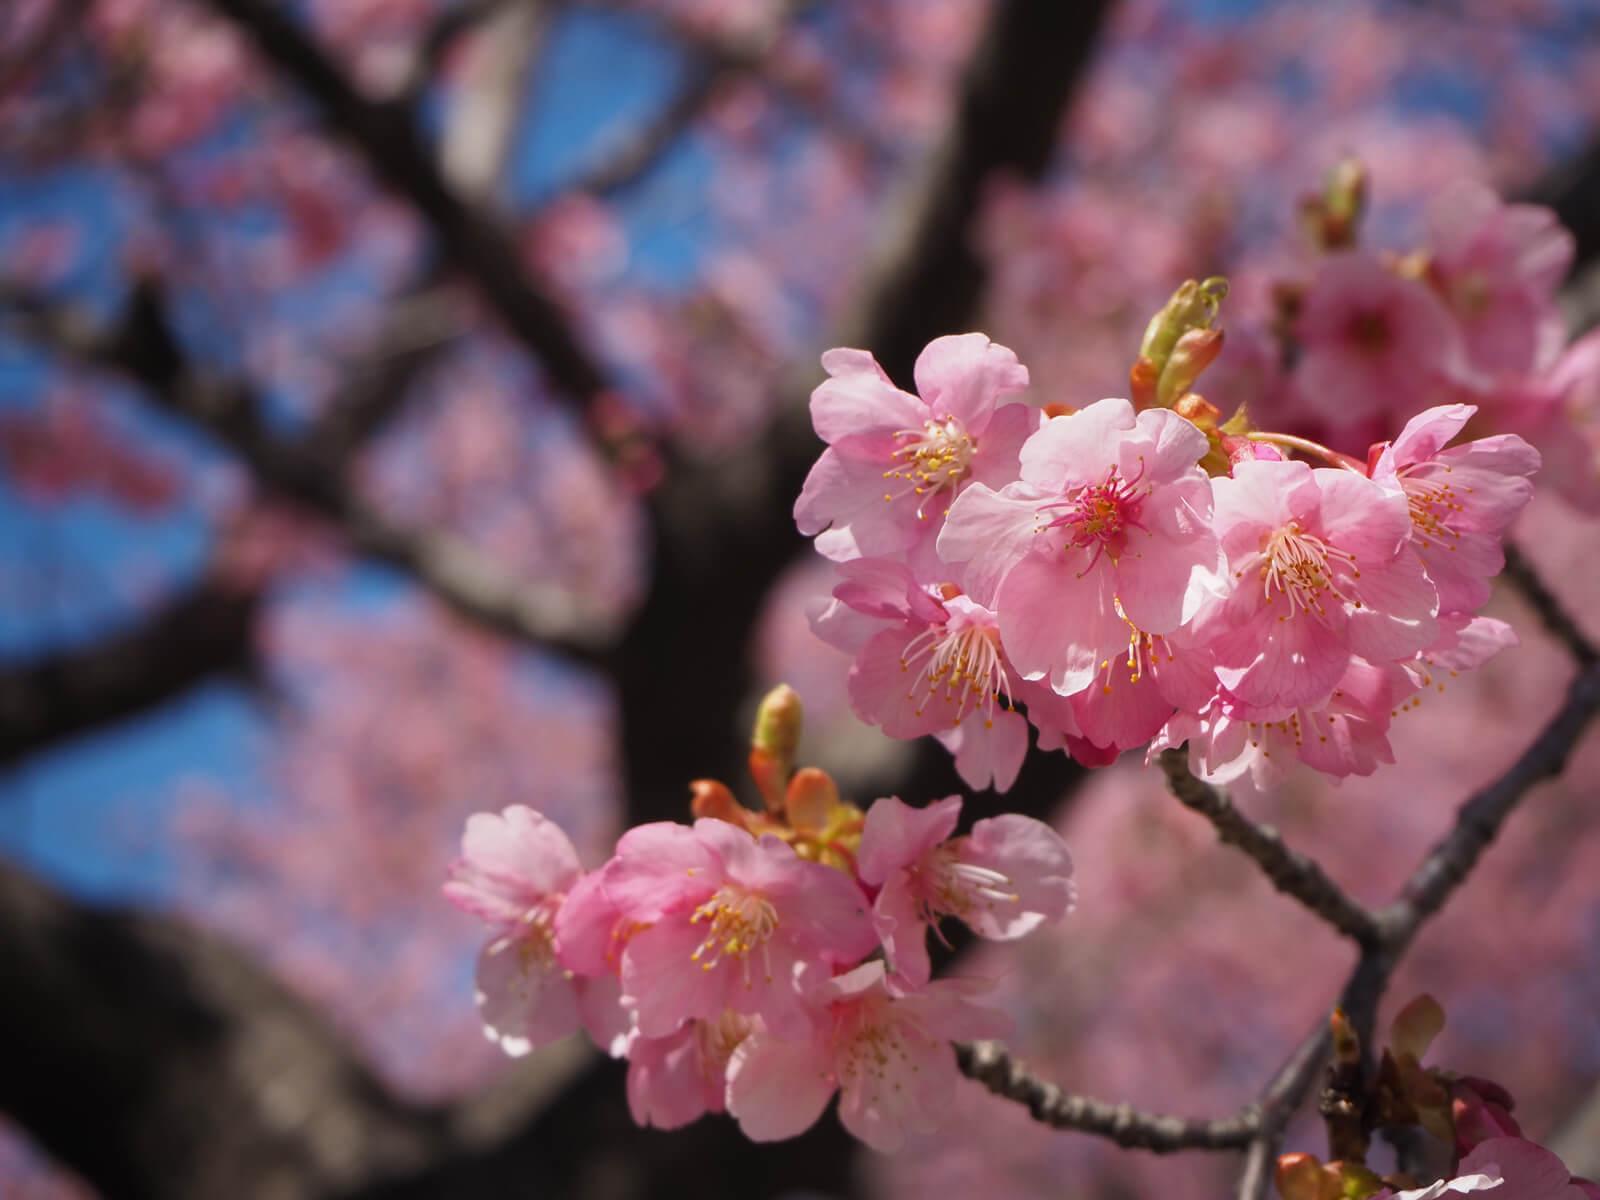 いせさき市民の森公園の河津桜が見頃!お花見シーズンが待ち遠しい